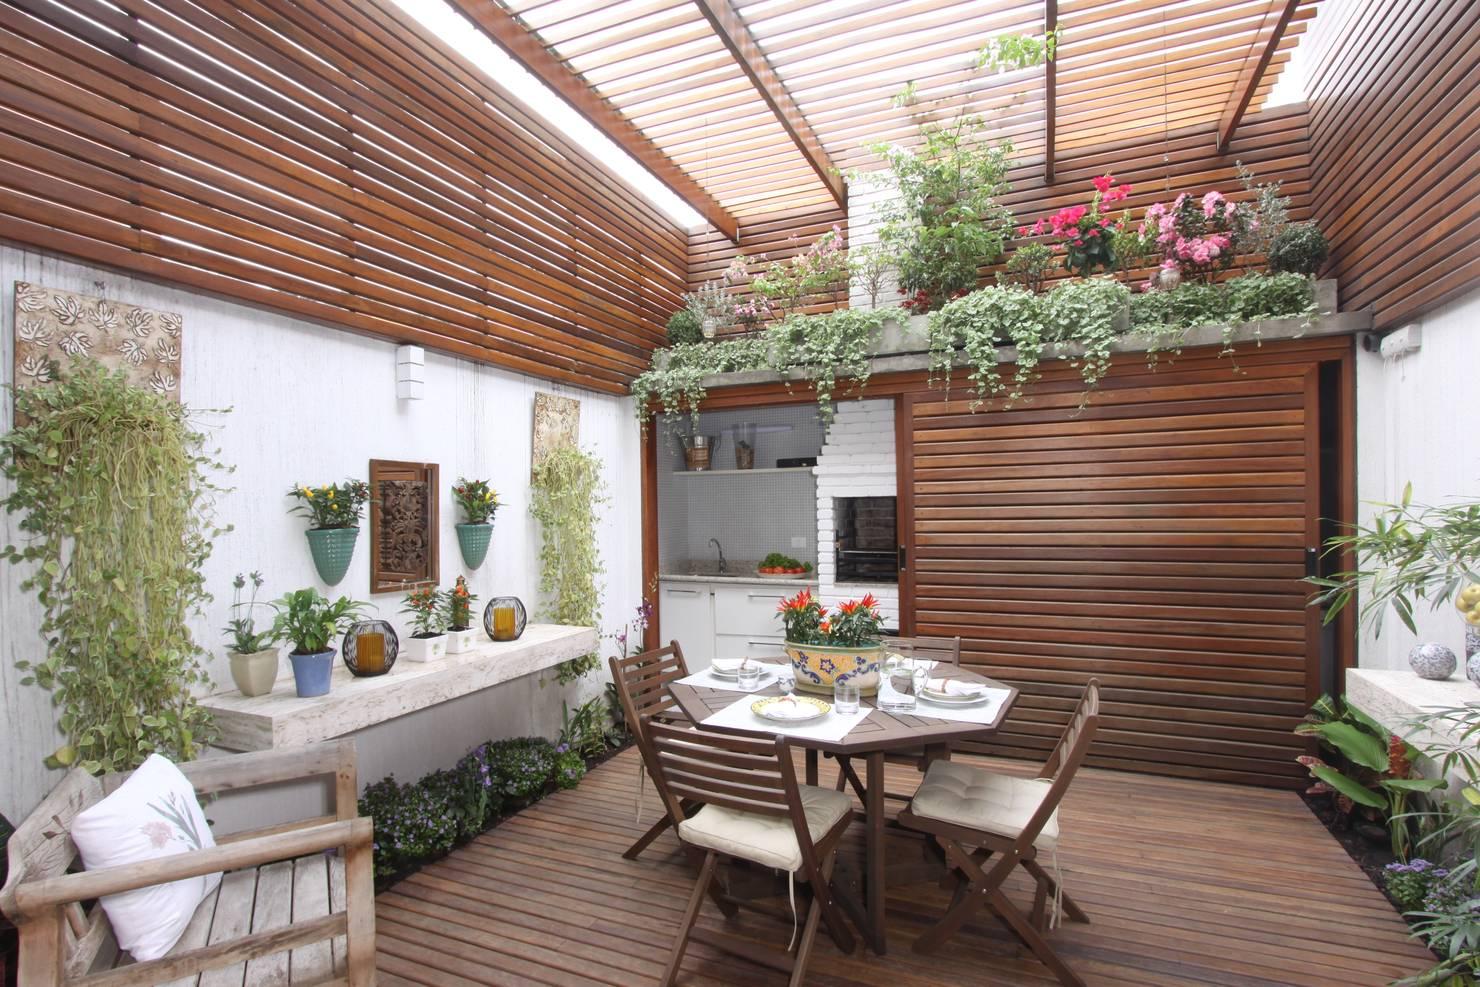 12 pérgolas que harán de tu patio un lugar ¡espectacular!